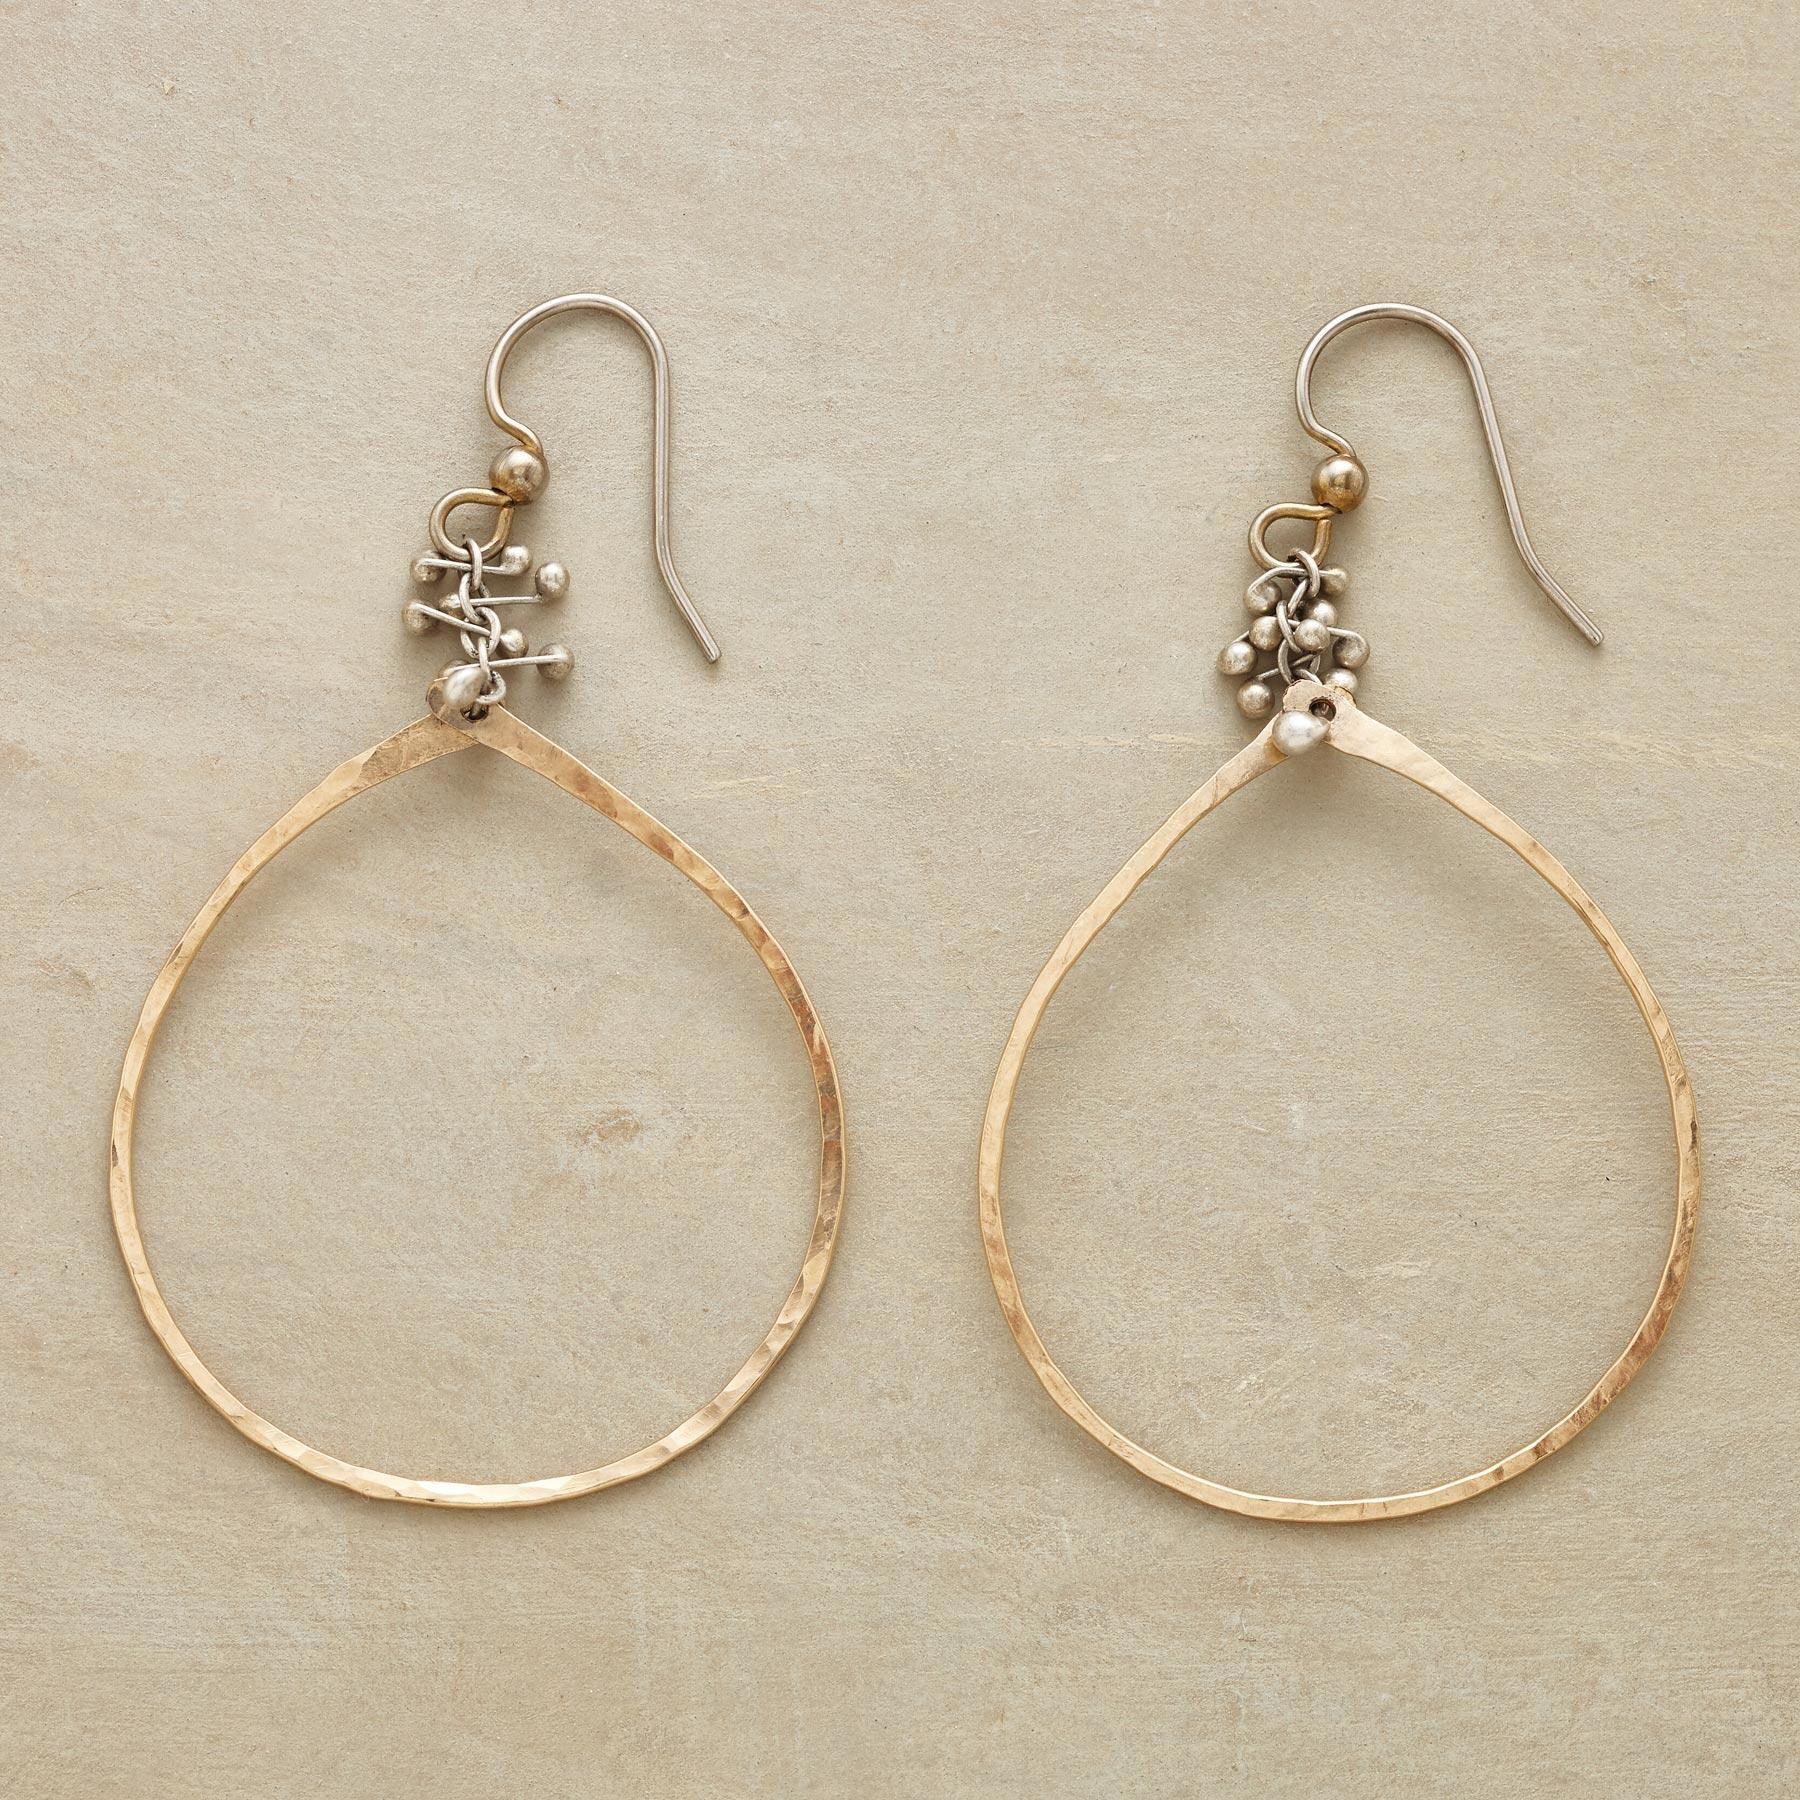 CAVIAR TEARS EARRINGS -- These handmade teardrop earrings were ...